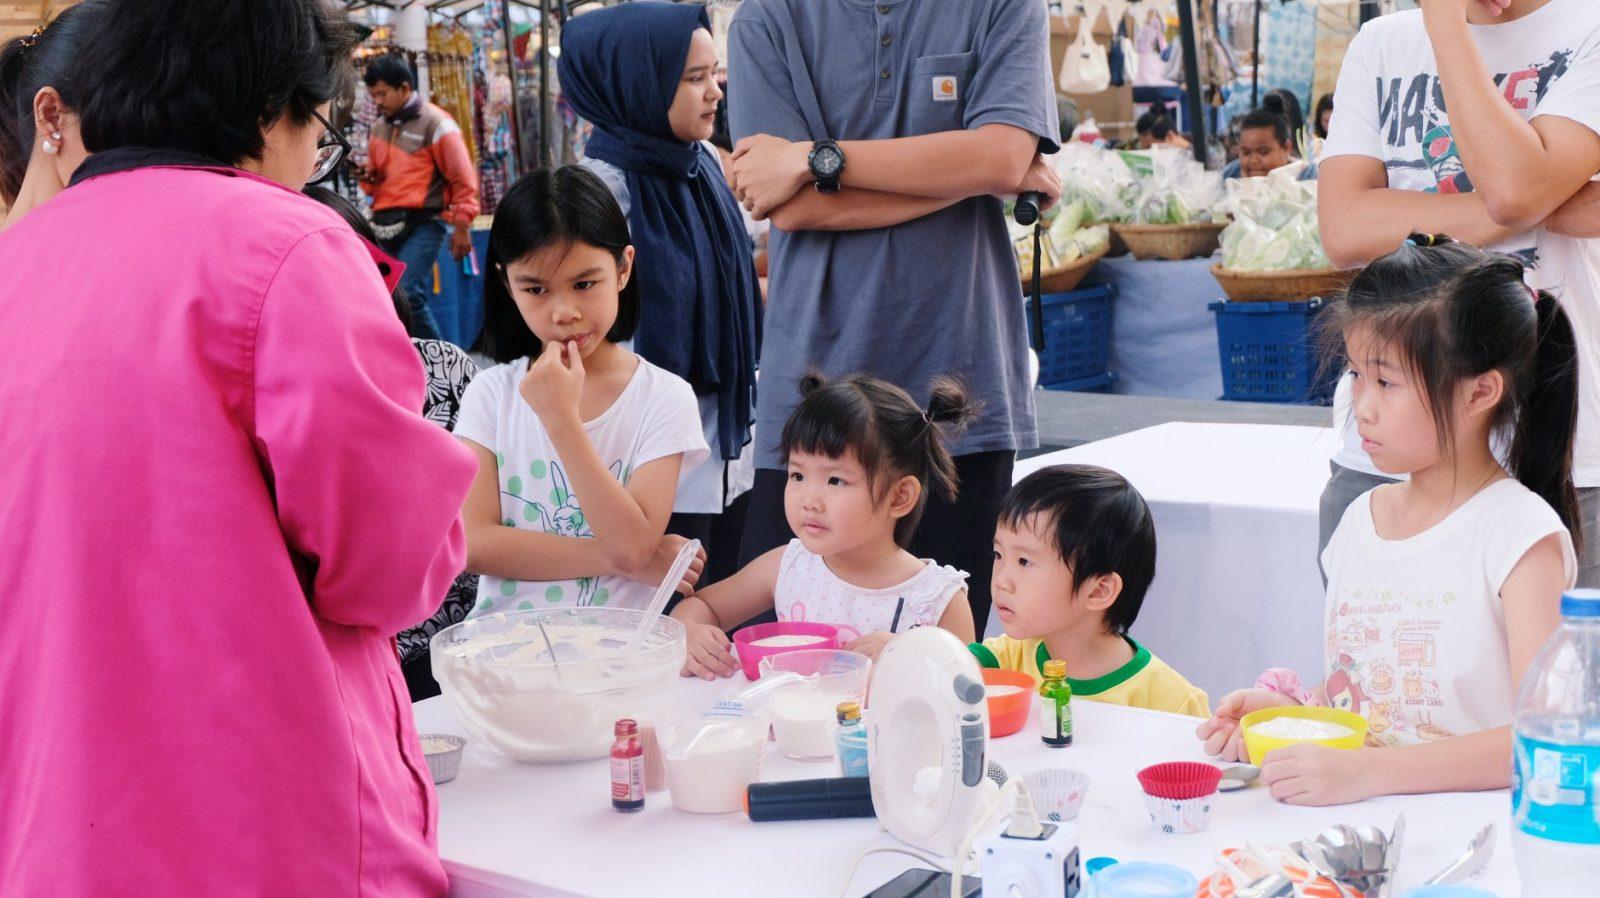 มีนาพากรีน เที่ยวชิม-ช้อปให้สุขภาพดีและรักษ์โลก thaihealth